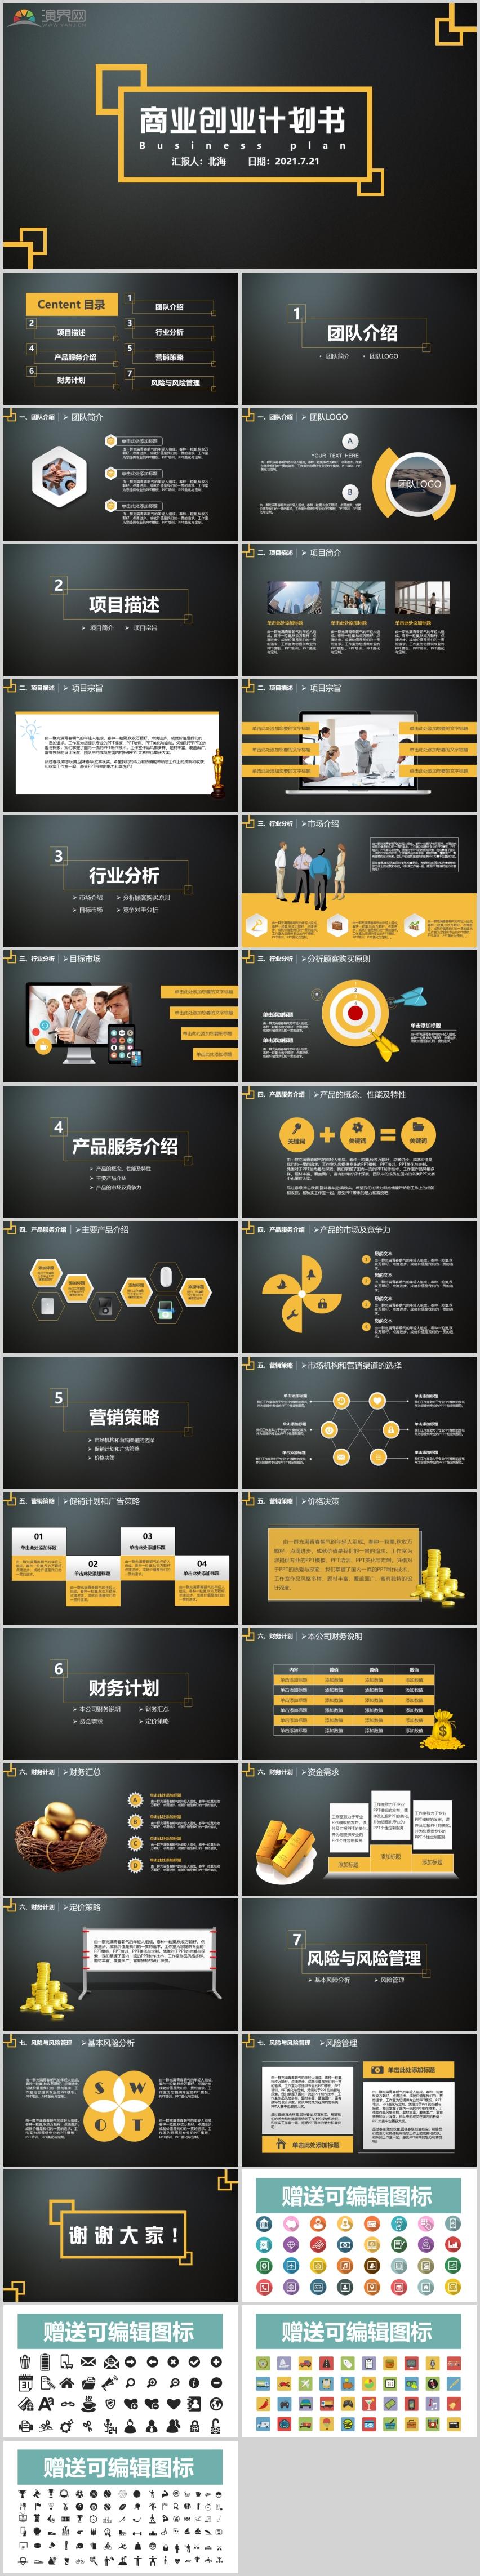 2021黑色高端商务风商业创业计划书通用模板